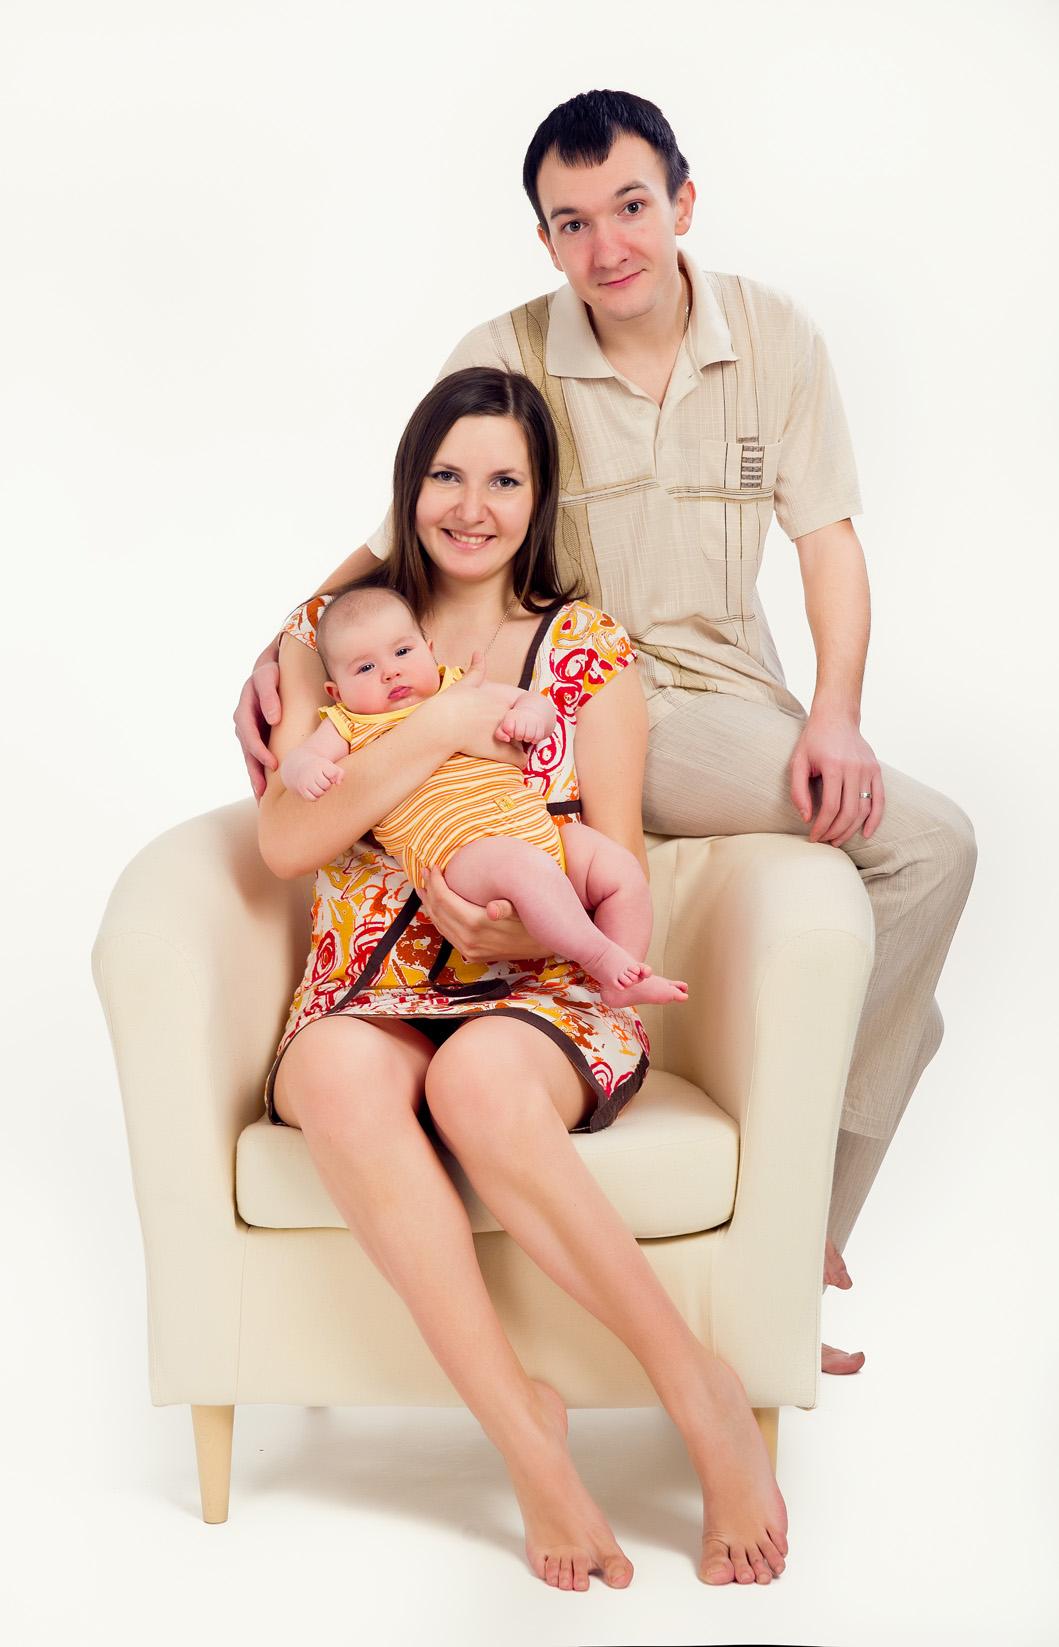 мы вместе!. Мама, папа, я - счастливая семья!